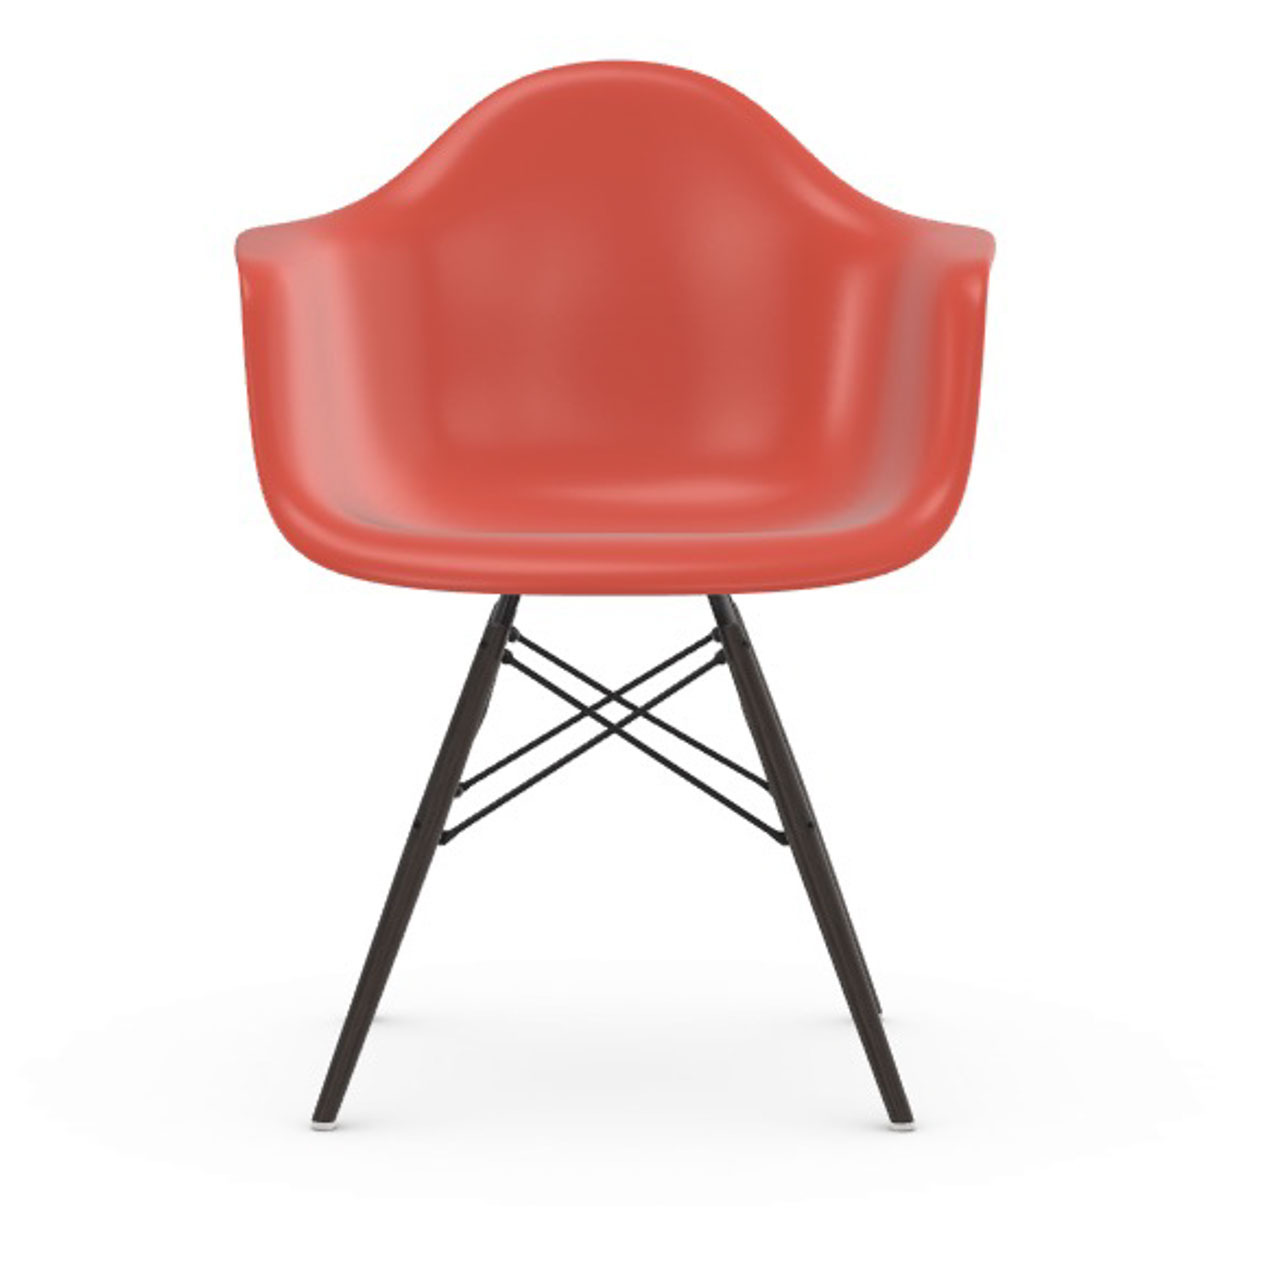 Vitra Eames Plastic Armchair DAW ohne Polster  Holzuntergestell Ahorn schwarz / 30,  Poppy Rot / 03,  Weisser Gleiter für Hartböden